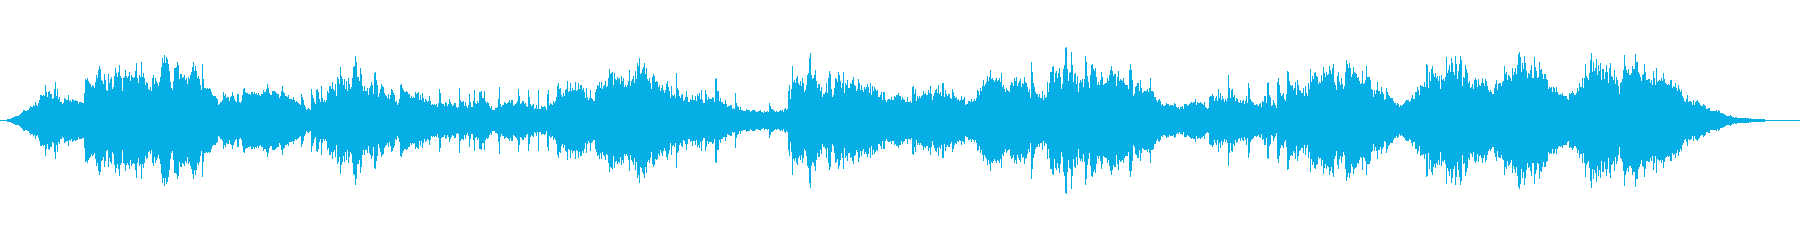 動画 サスペンス 説明的 勝利者 ...の再生済みの波形